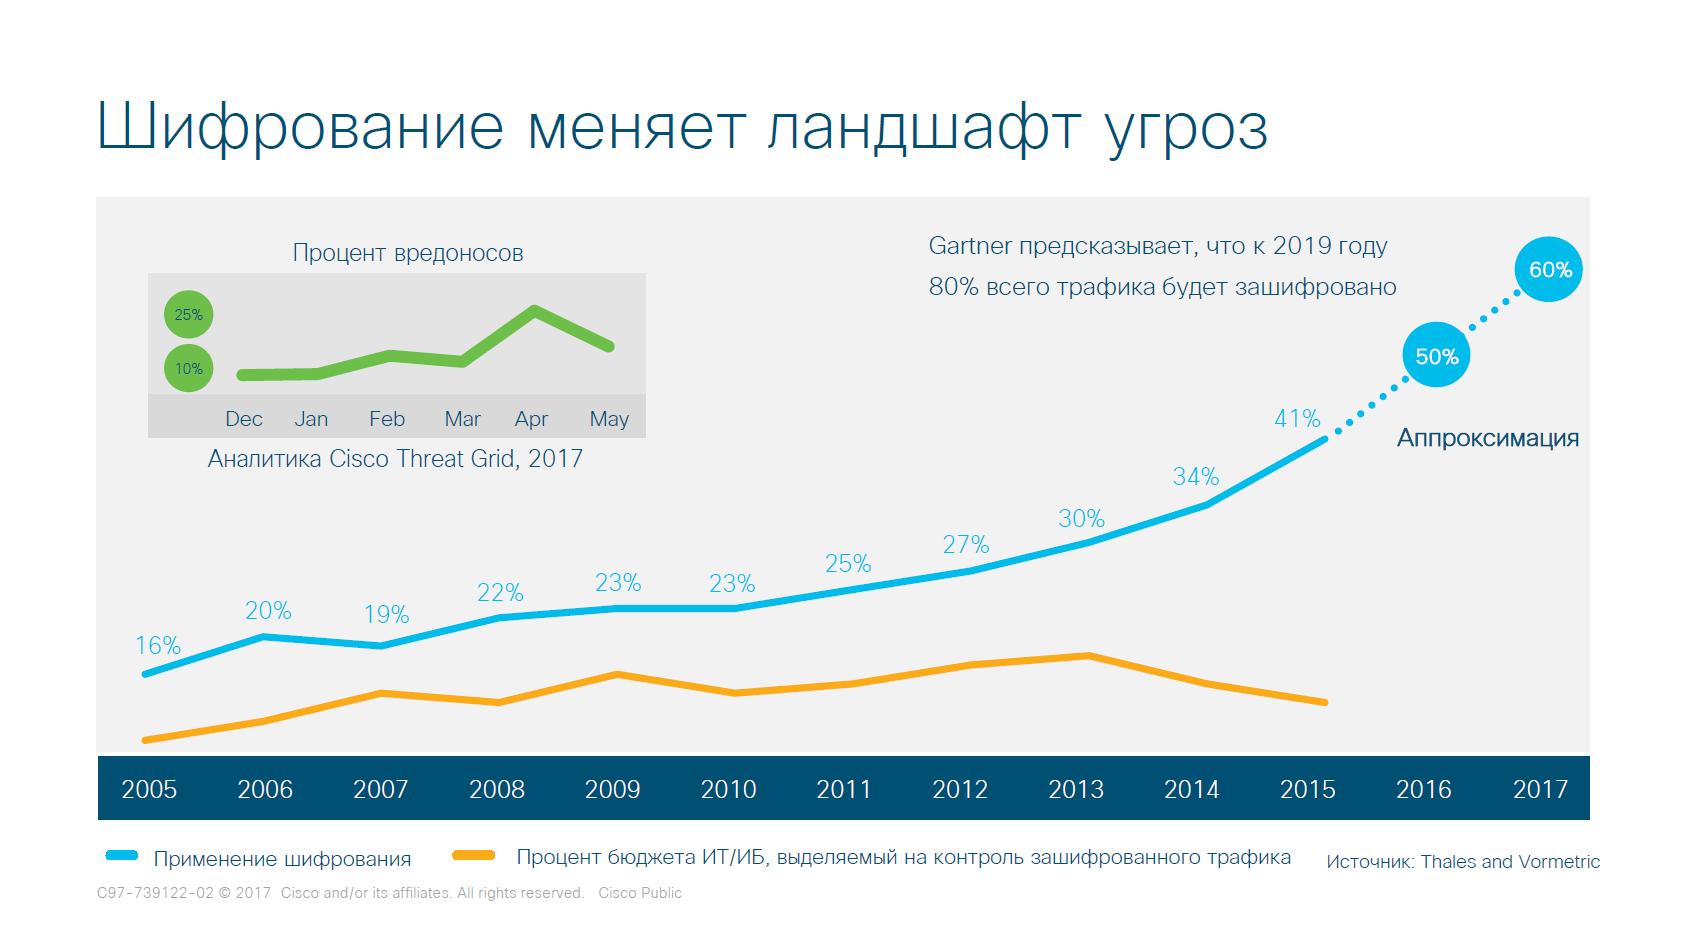 Визуализация роста числа шифрования трафика в сети